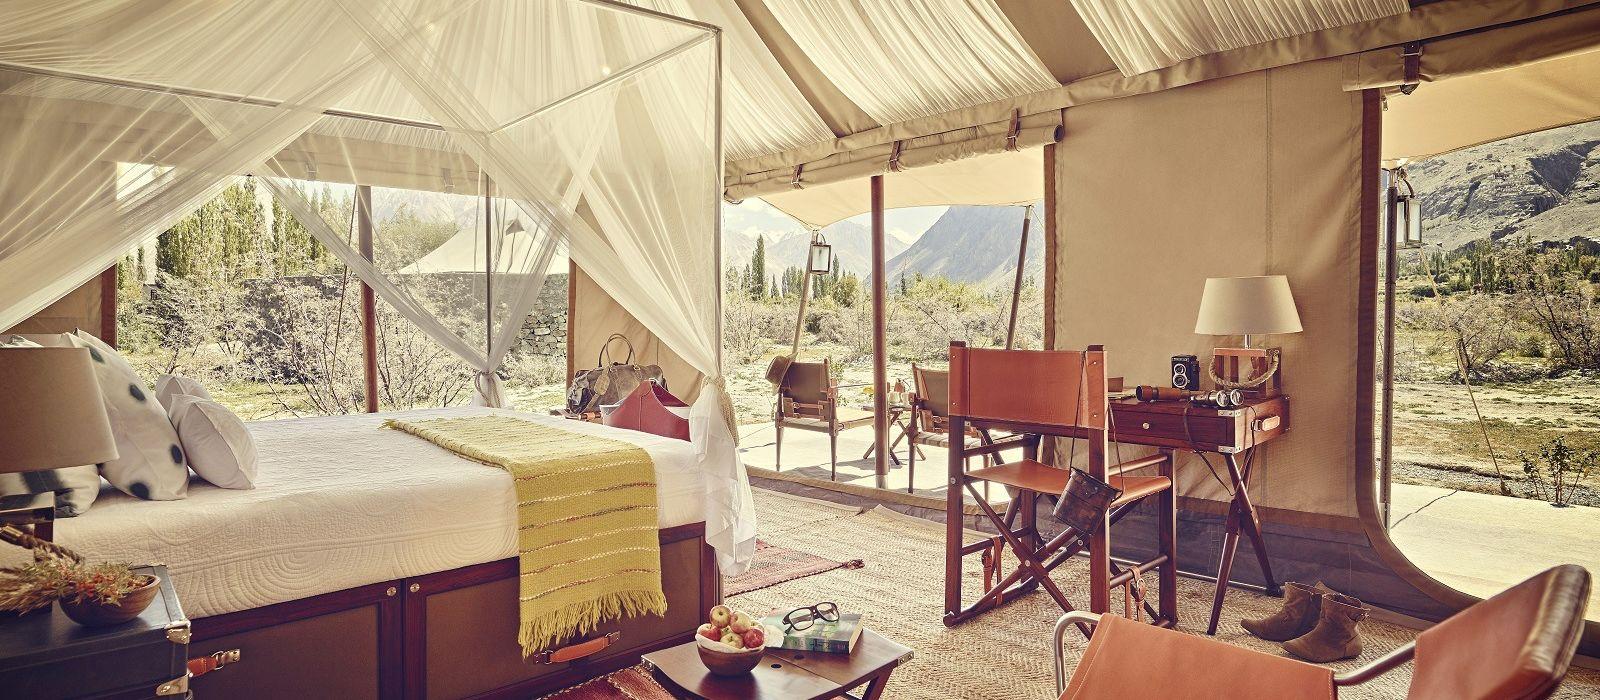 Hotel Chamba Camp, Diskit Himalayas